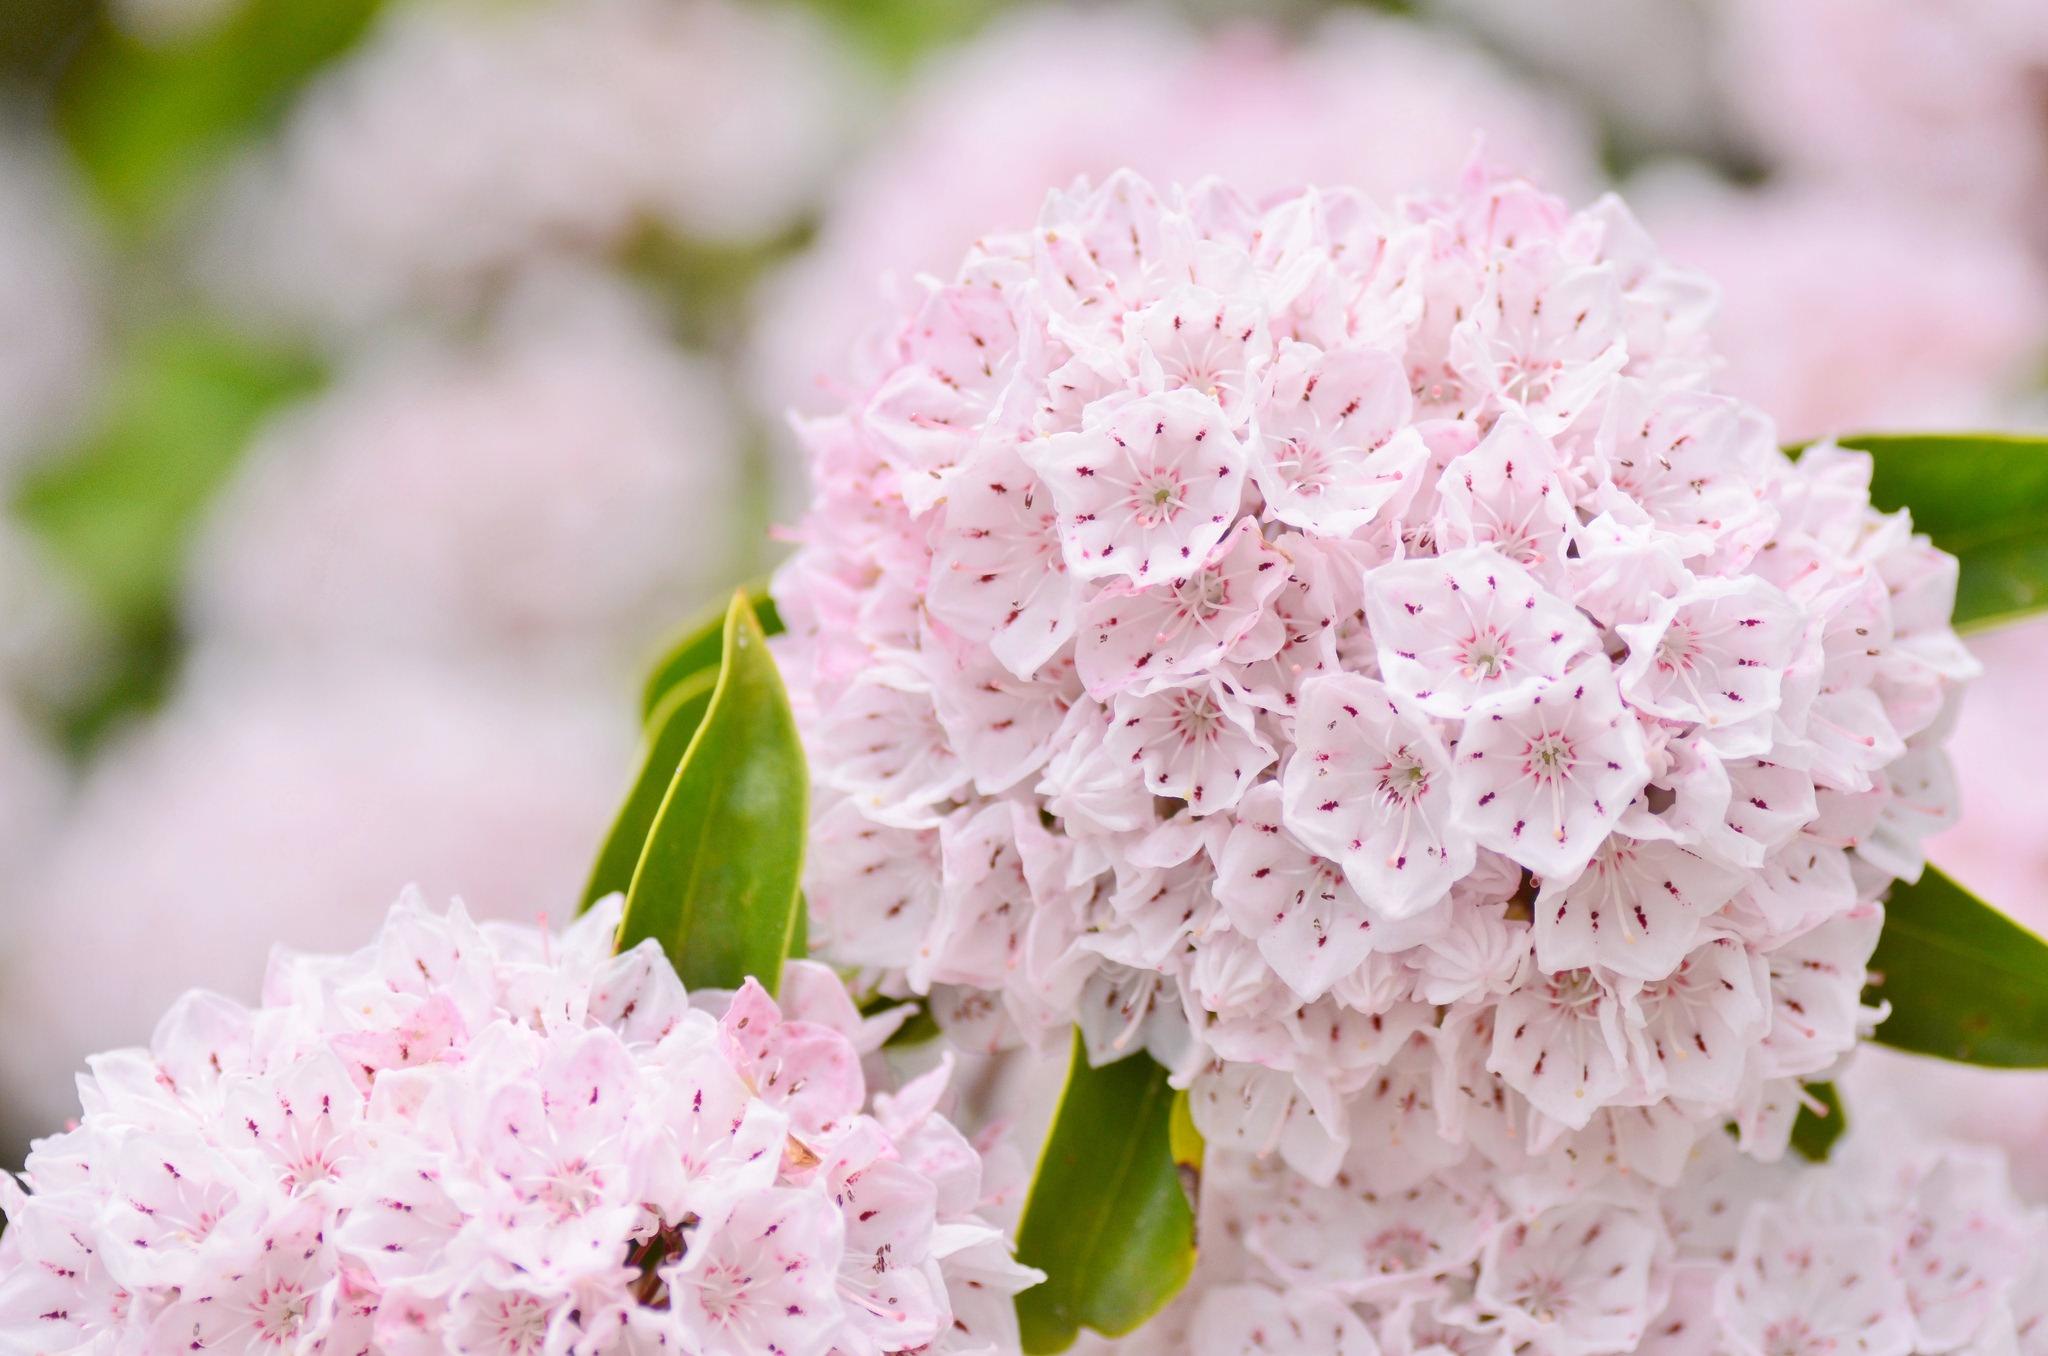 Earth Flower 2048x1356